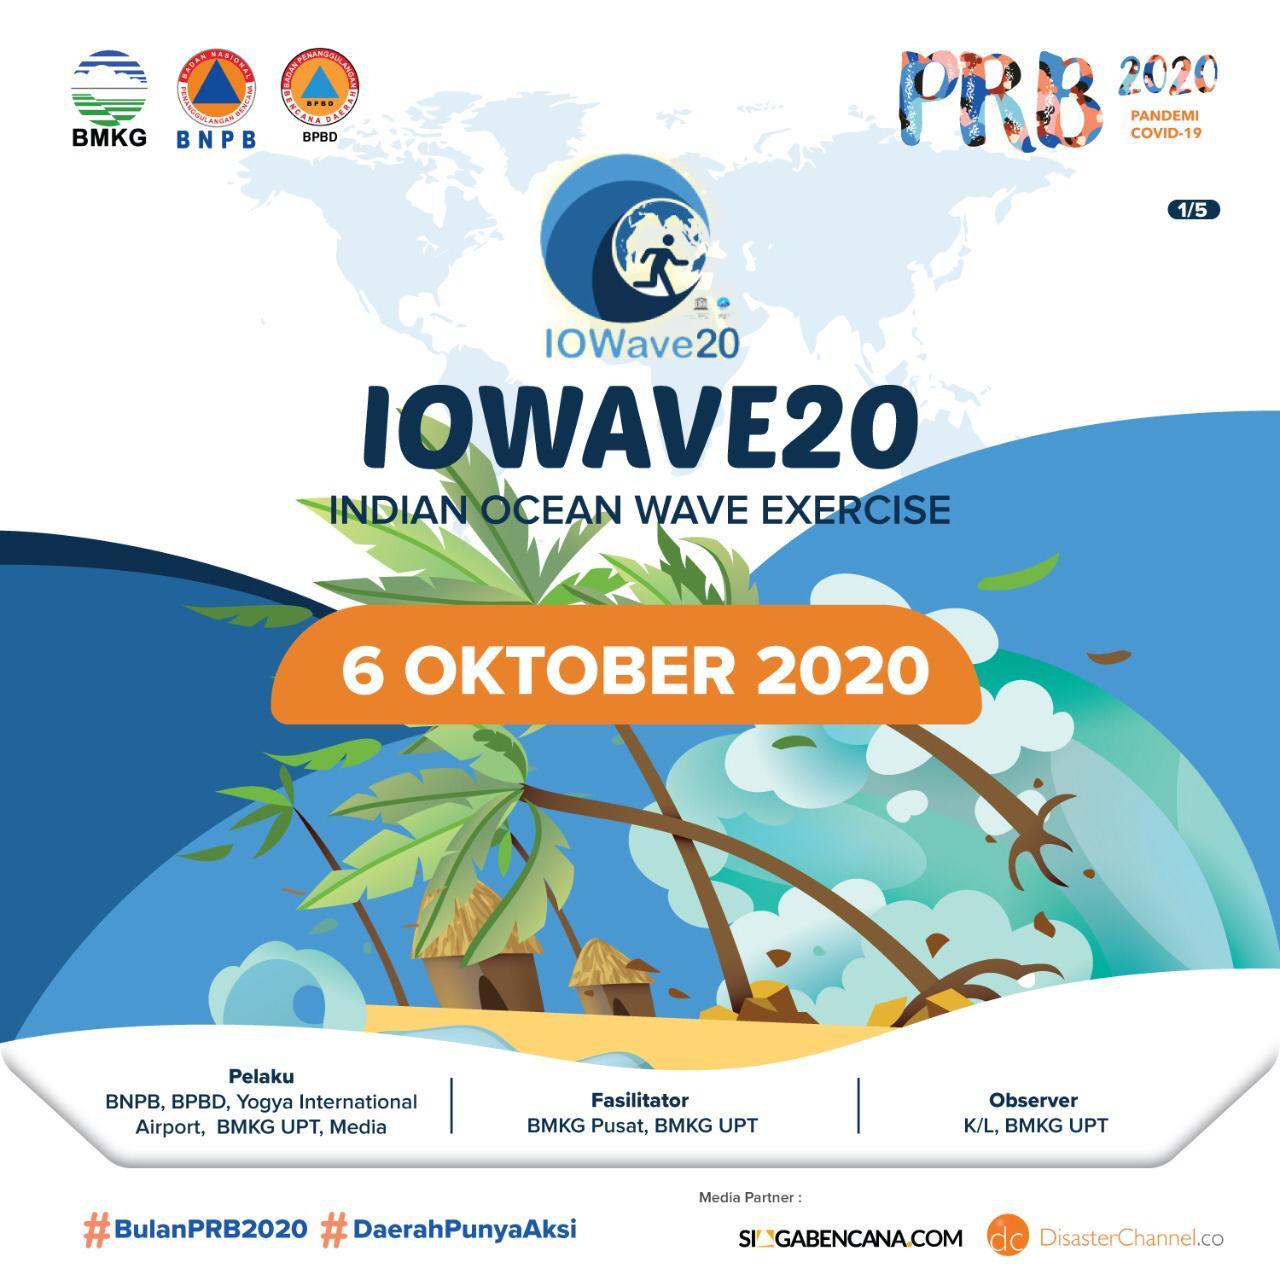 IOWave20